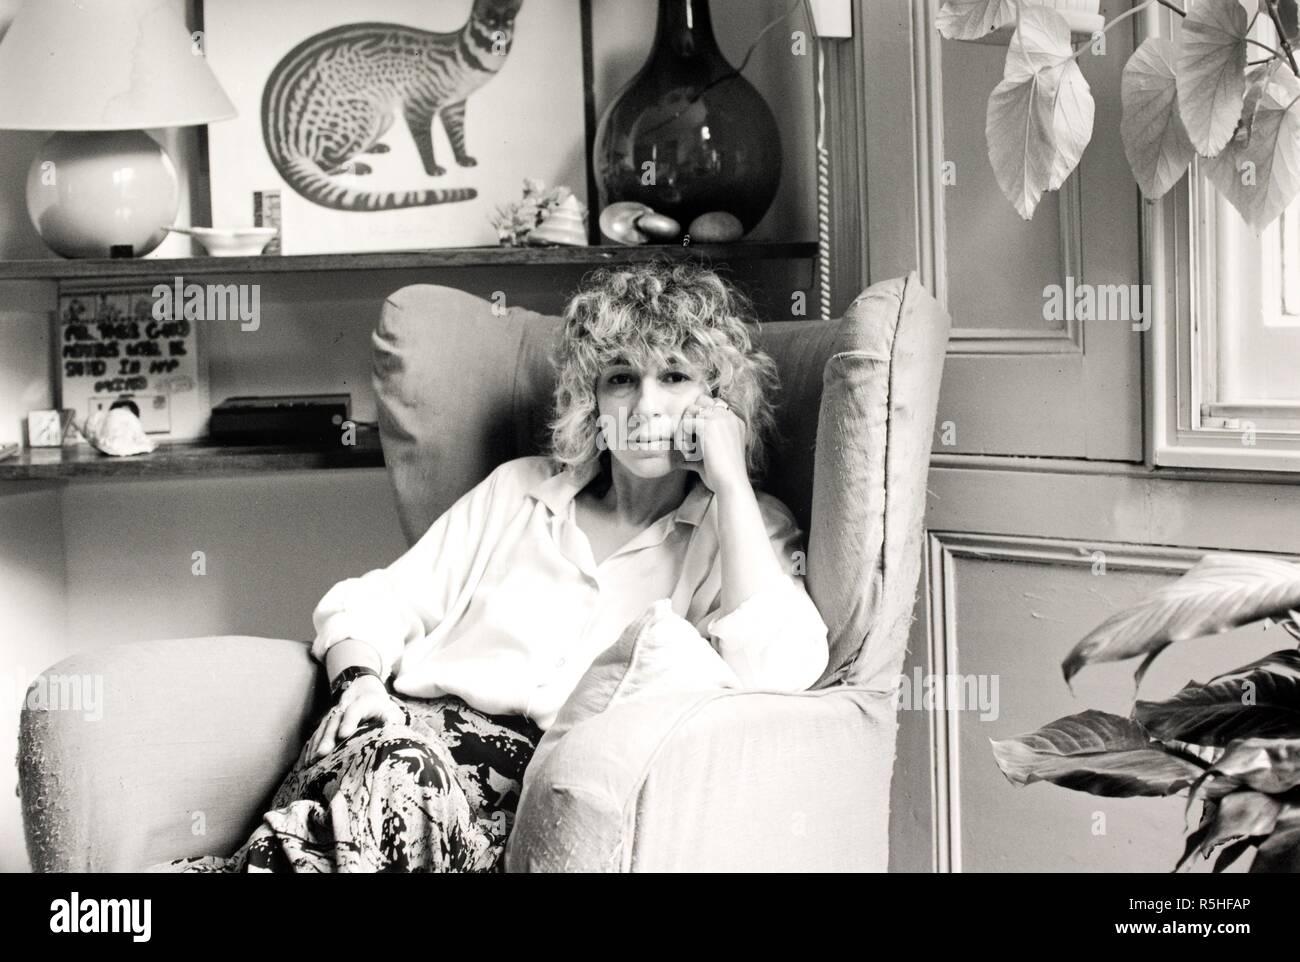 Jenny Diski 1988. Jenny Diski 1988.  Photograph by Fay Godwin. . Source: FG6867-6-33. Stock Photo